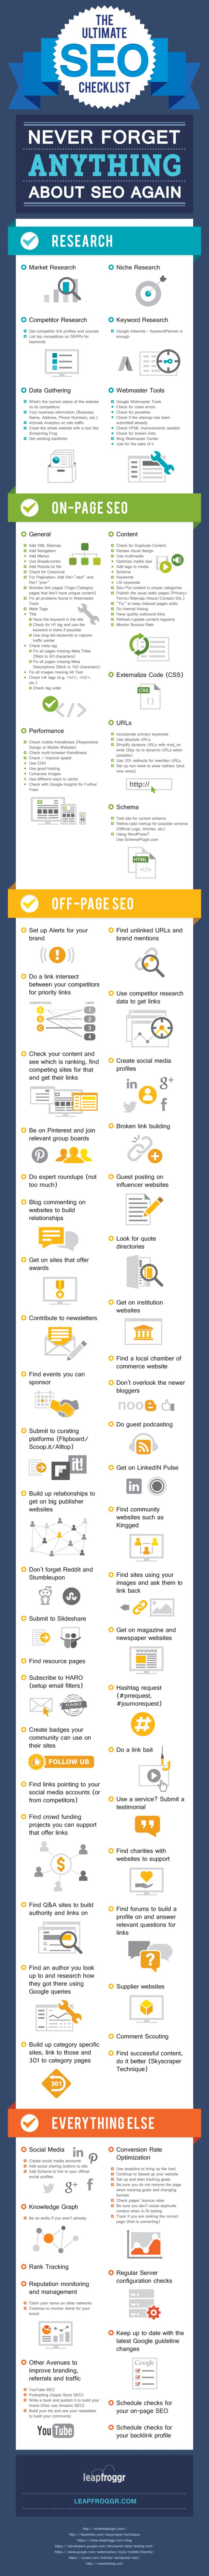 The Ultimate SEO Checklist